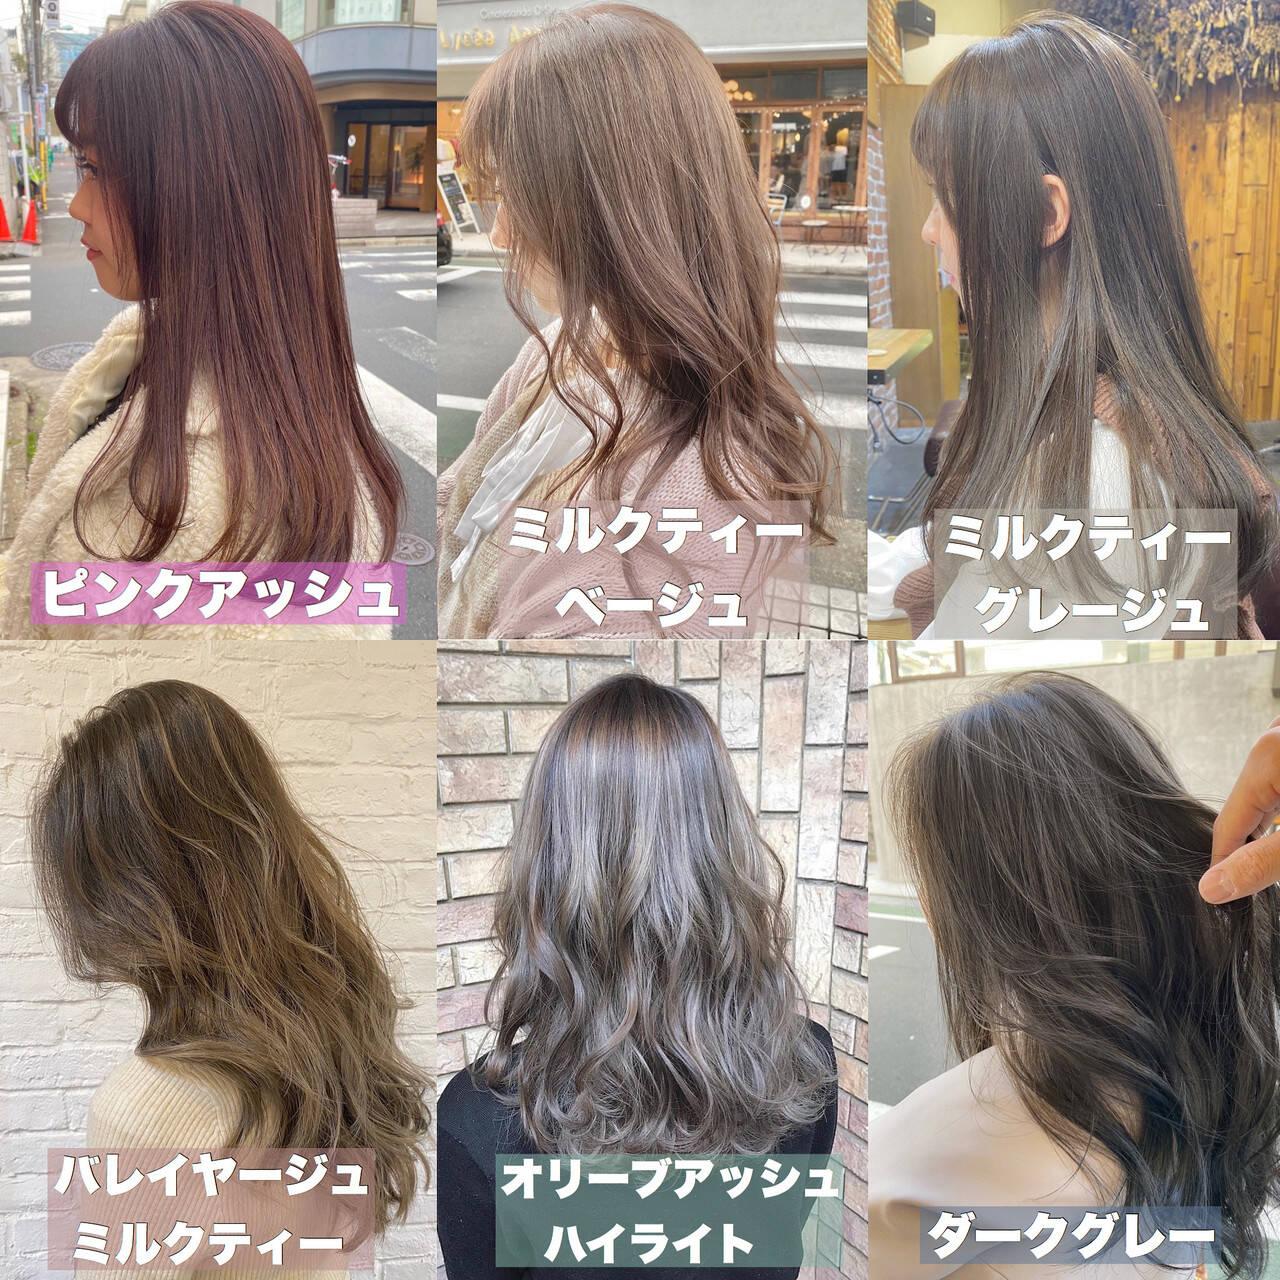 グレージュ ピンクアッシュ インナーカラー ロングヘアスタイルや髪型の写真・画像